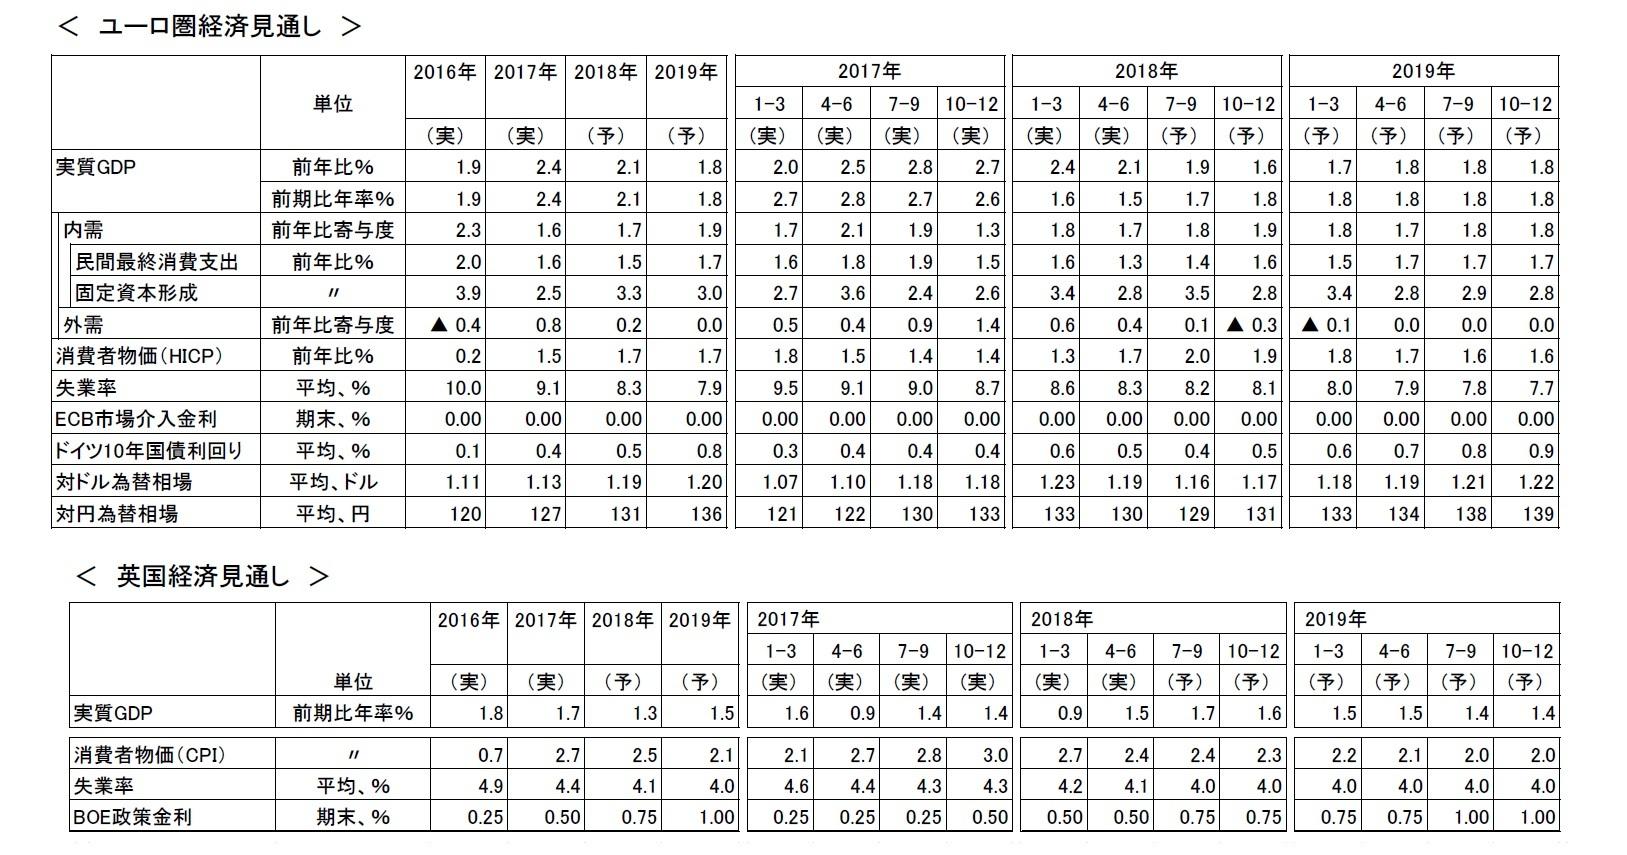 ユーロ圏経済見通し/英国経済見通し